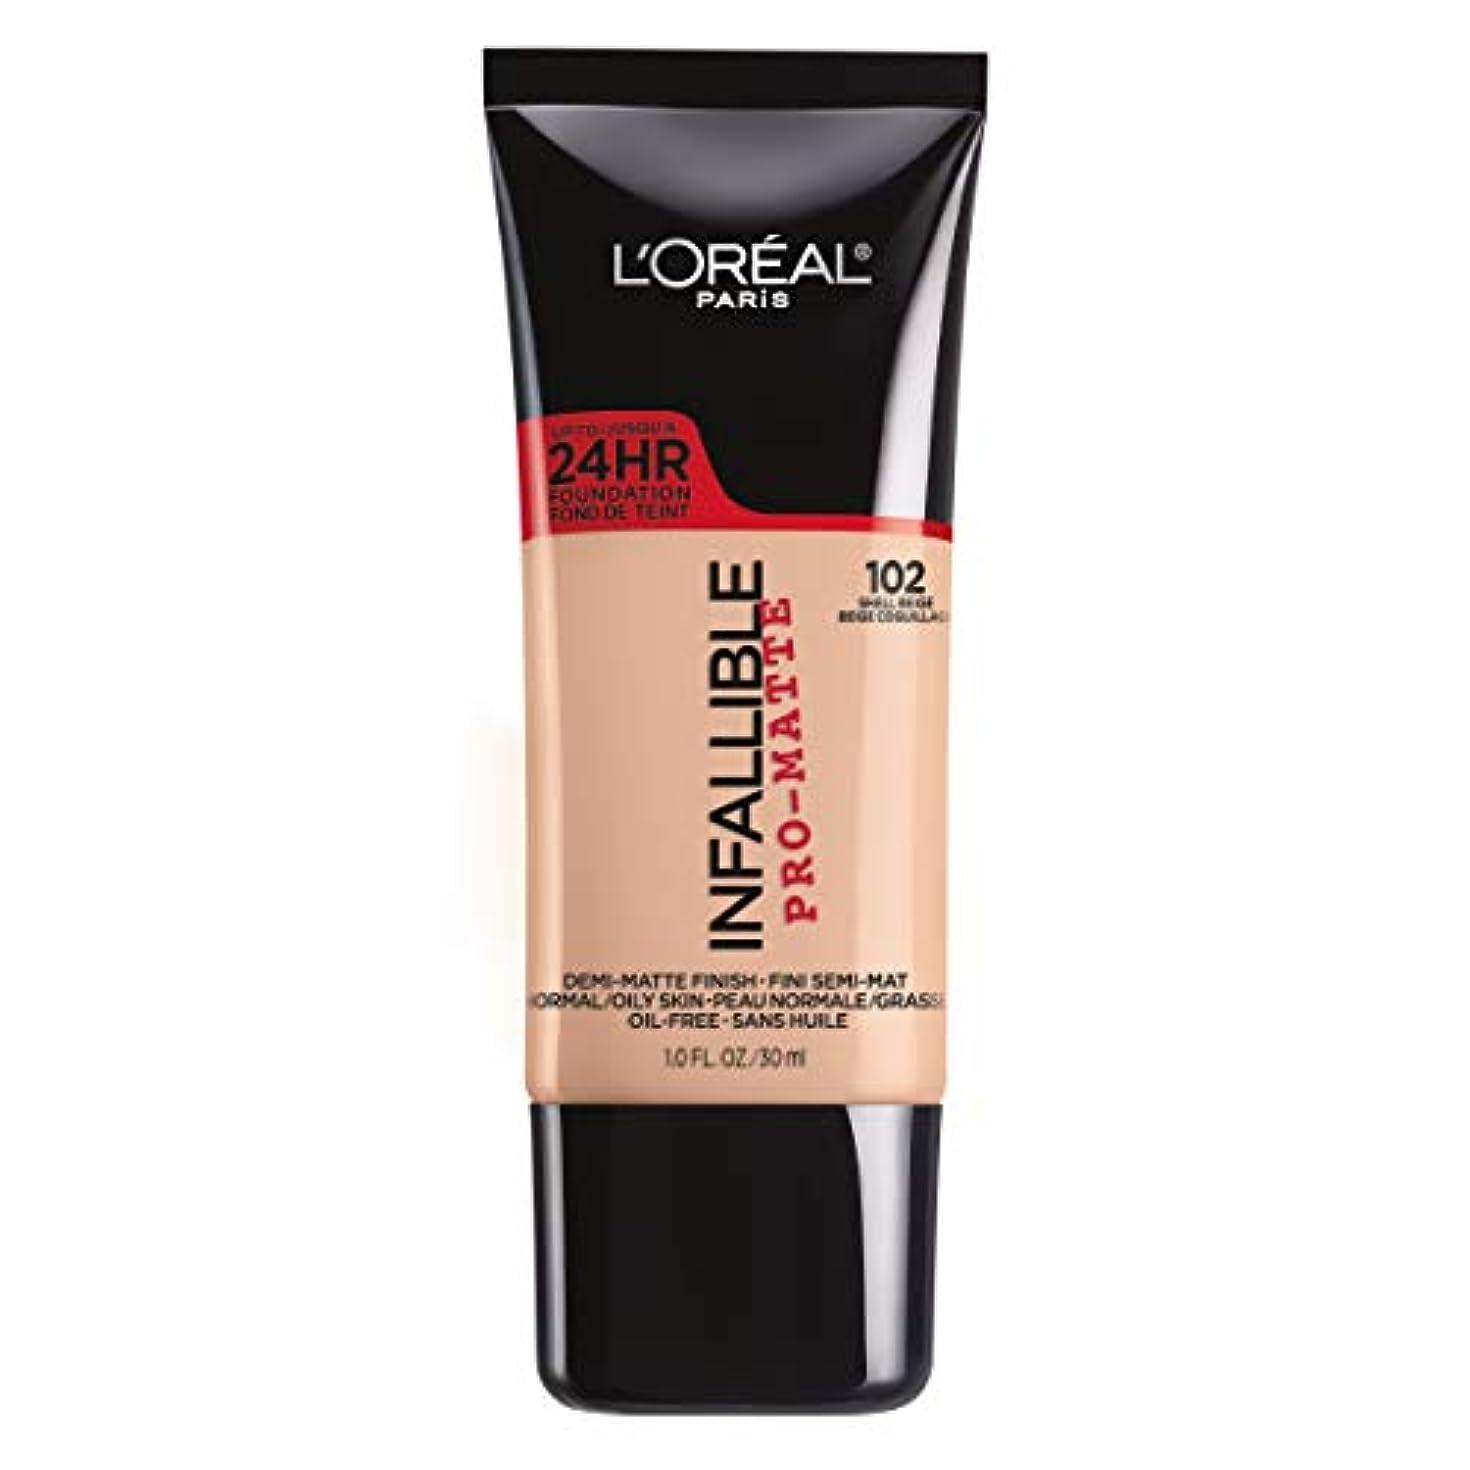 奨励します不倫ふざけたL'Oreal Paris Infallible Pro-Matte Foundation Makeup, 102 Shell Beige, 1 fl. oz[並行輸入品]